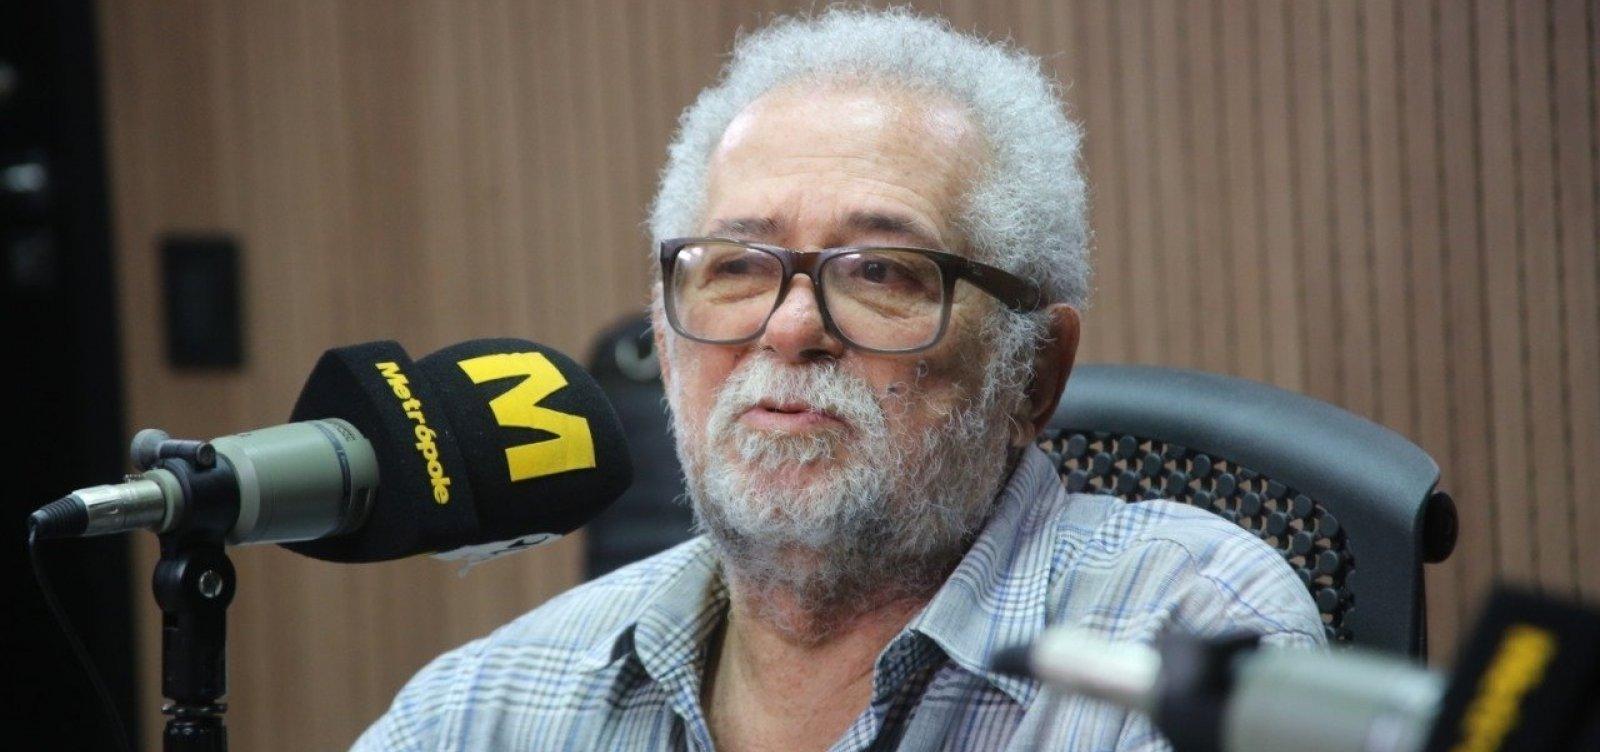 Aos 80 anos, compositor Capinam briga na Justiça por tratamento de hemodiálise em hospital de Salvador